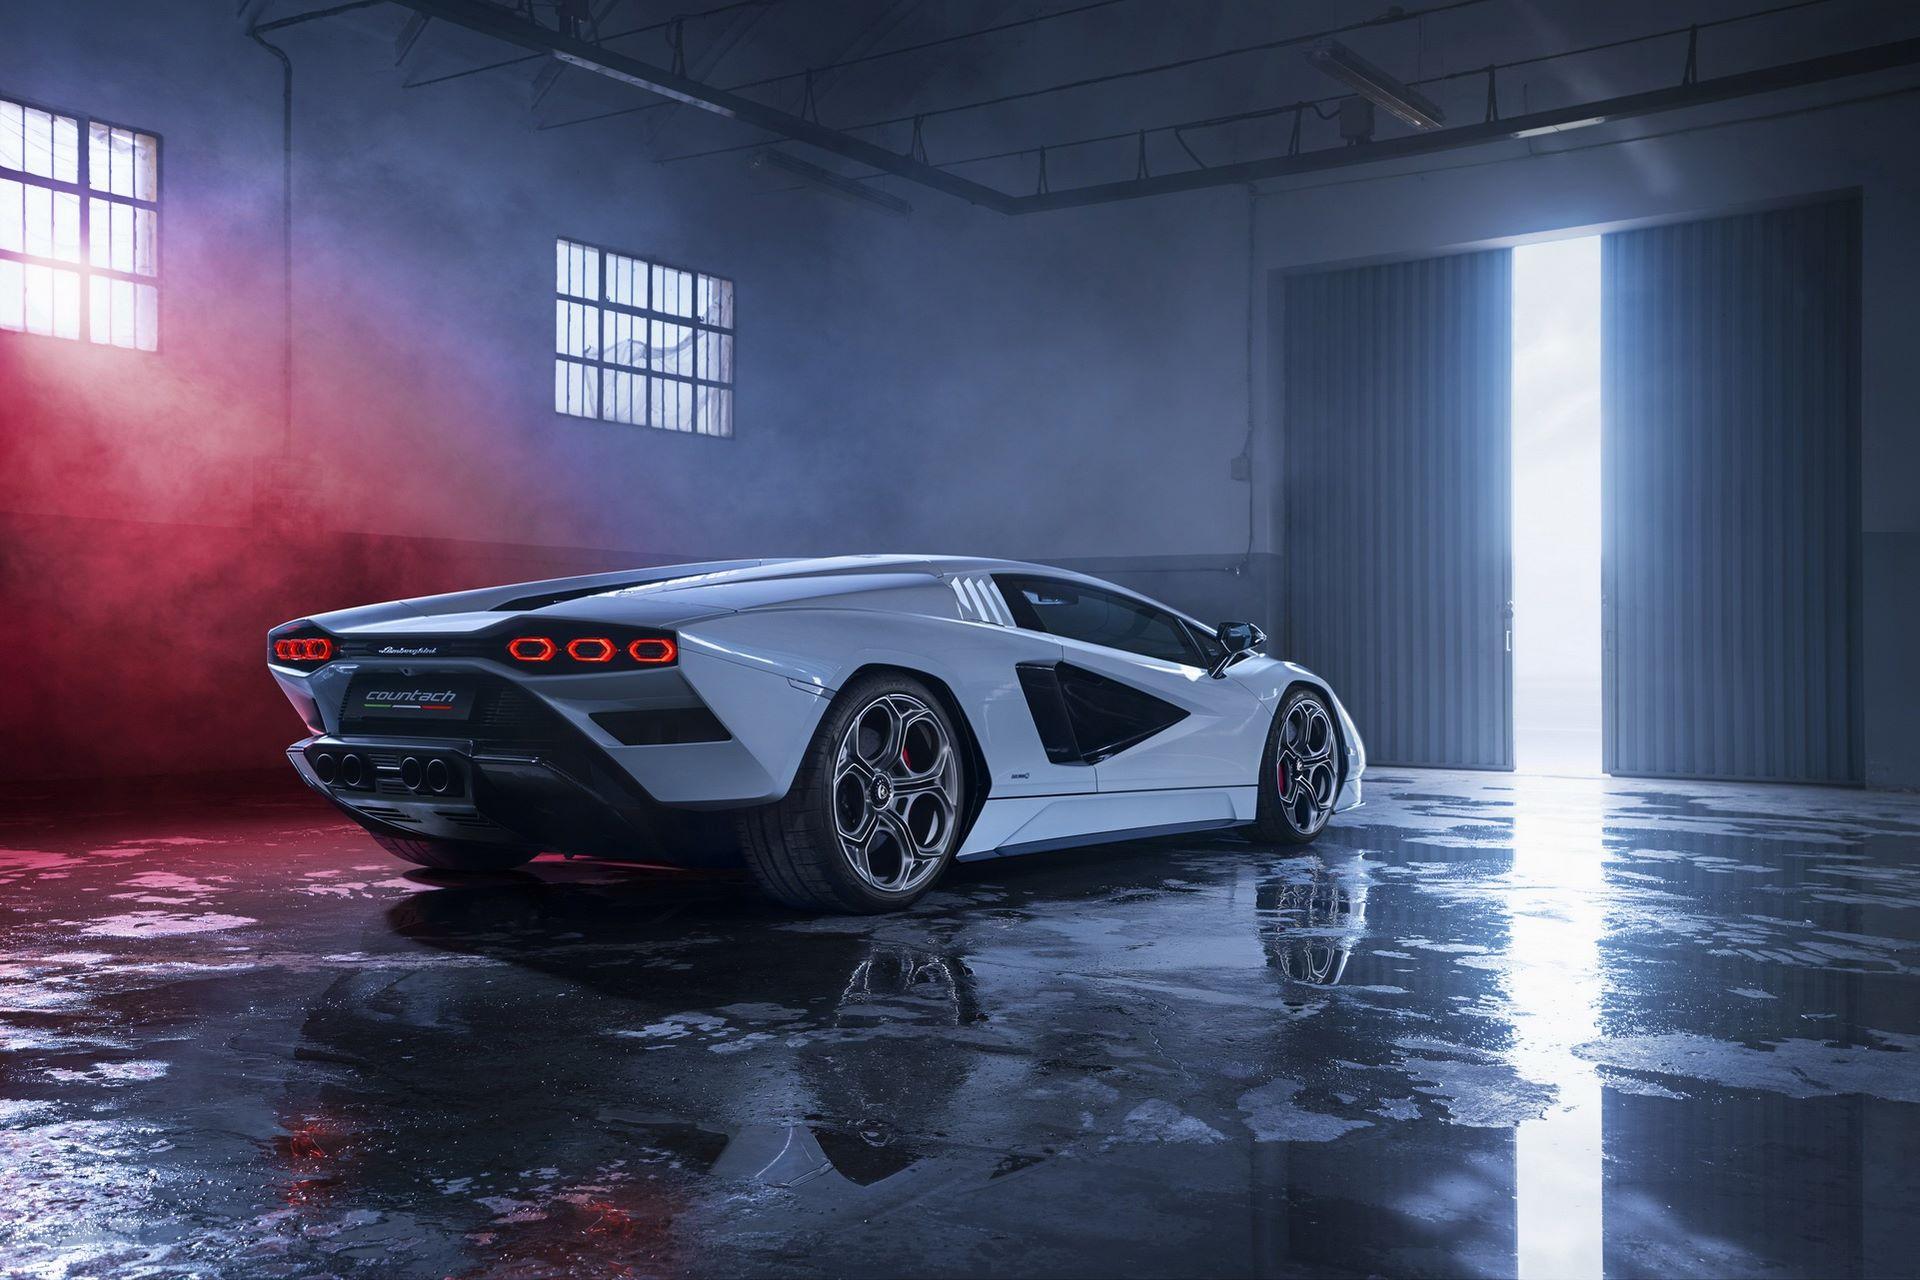 Lamborghini-Countach-LPI-800-4-88